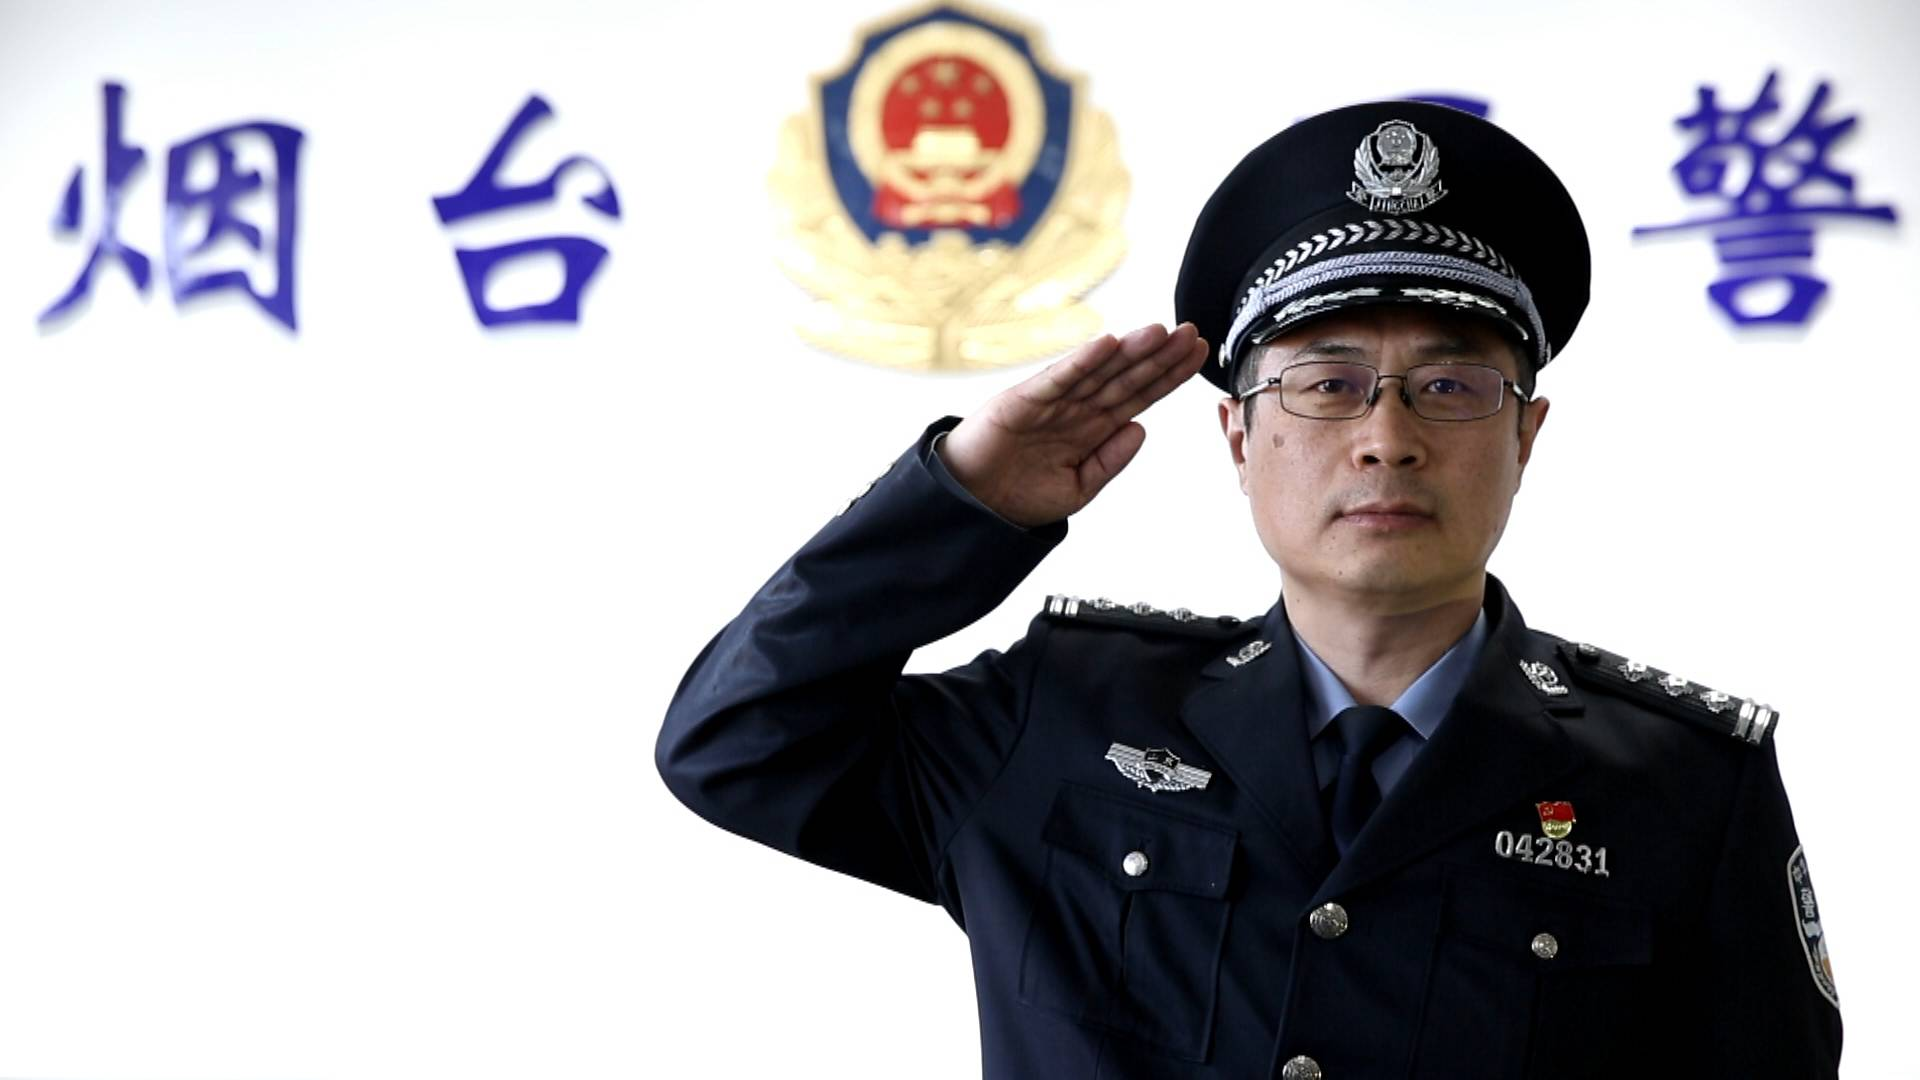 齐鲁最美警察丨于庆喜:网安民警必须每天更新自己的知识,走在犯罪分子前面